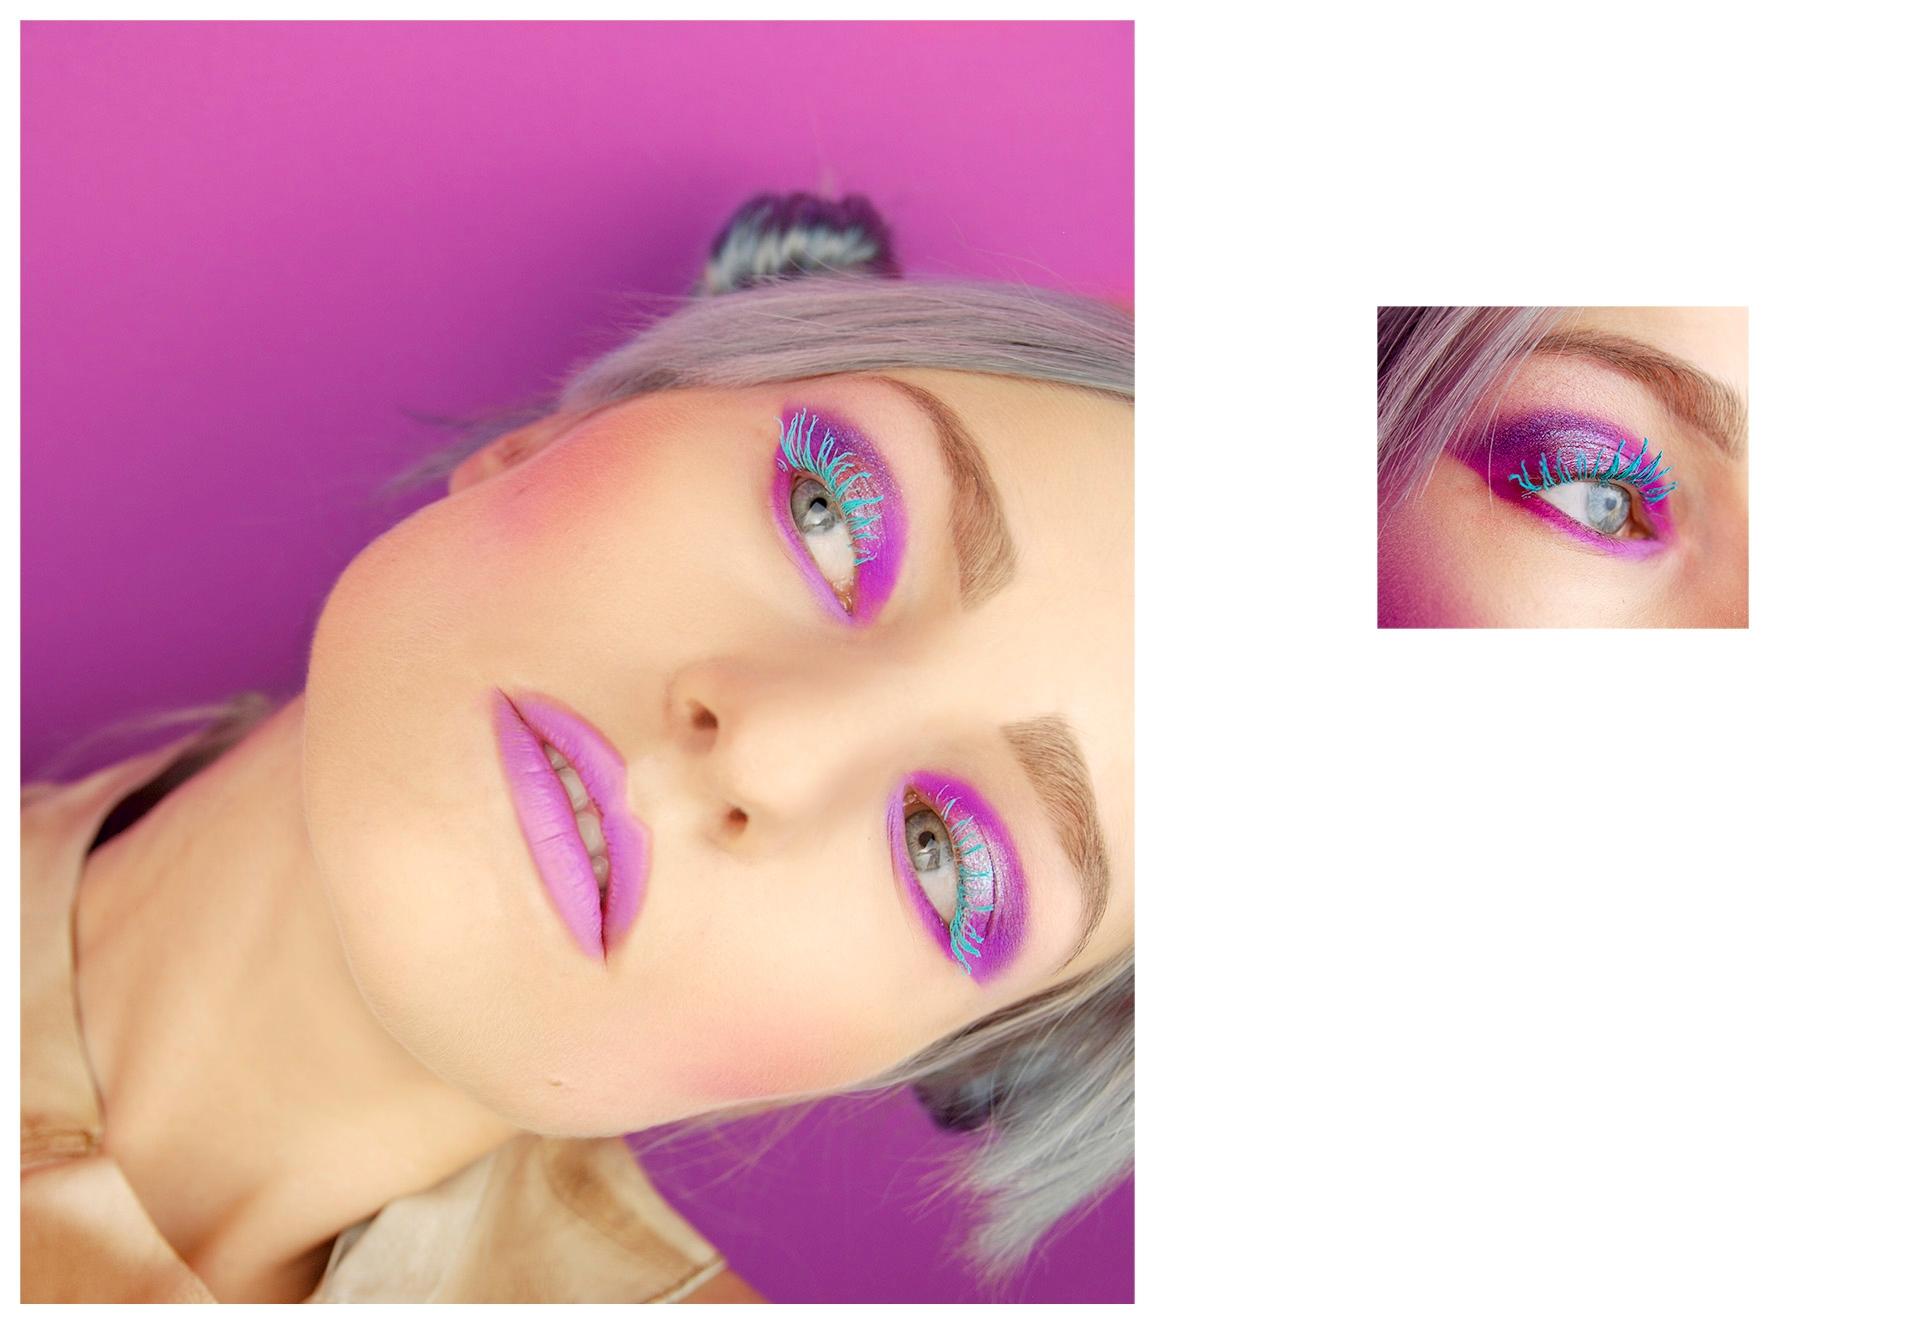 Obraz przedstawia dwa zdjęcia. Z lewej strony widzimy twarz kobiety pochyloną w prawą stronę, z lewej natomiast na mniejszym zdjęciu widzimy fragment twarzy i oko w mocnym makijażu.